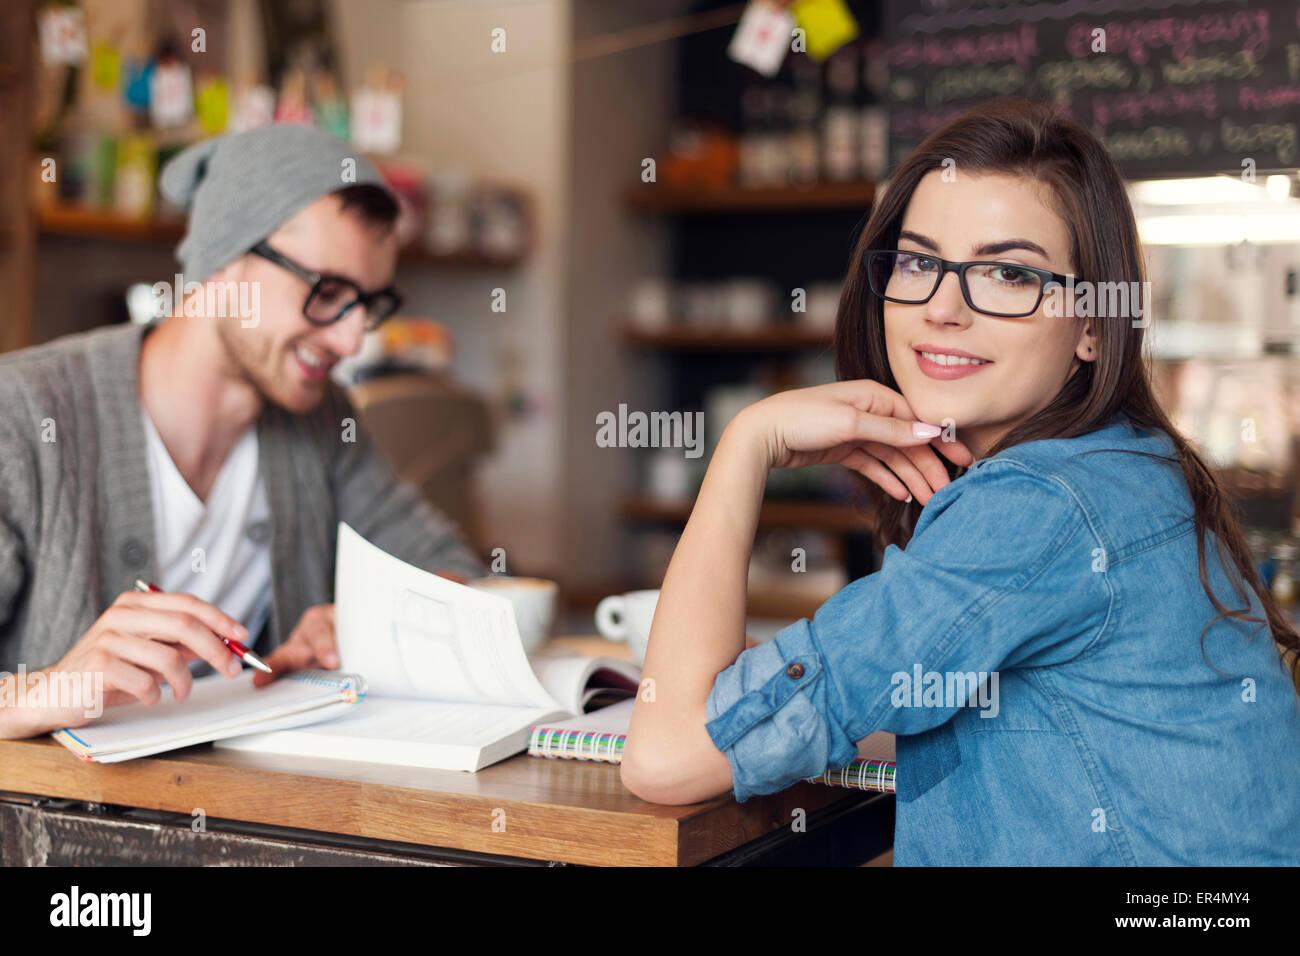 Stilvolle Frau mit ihrer Freundin im Café zu studieren. Krakau, Polen Stockbild